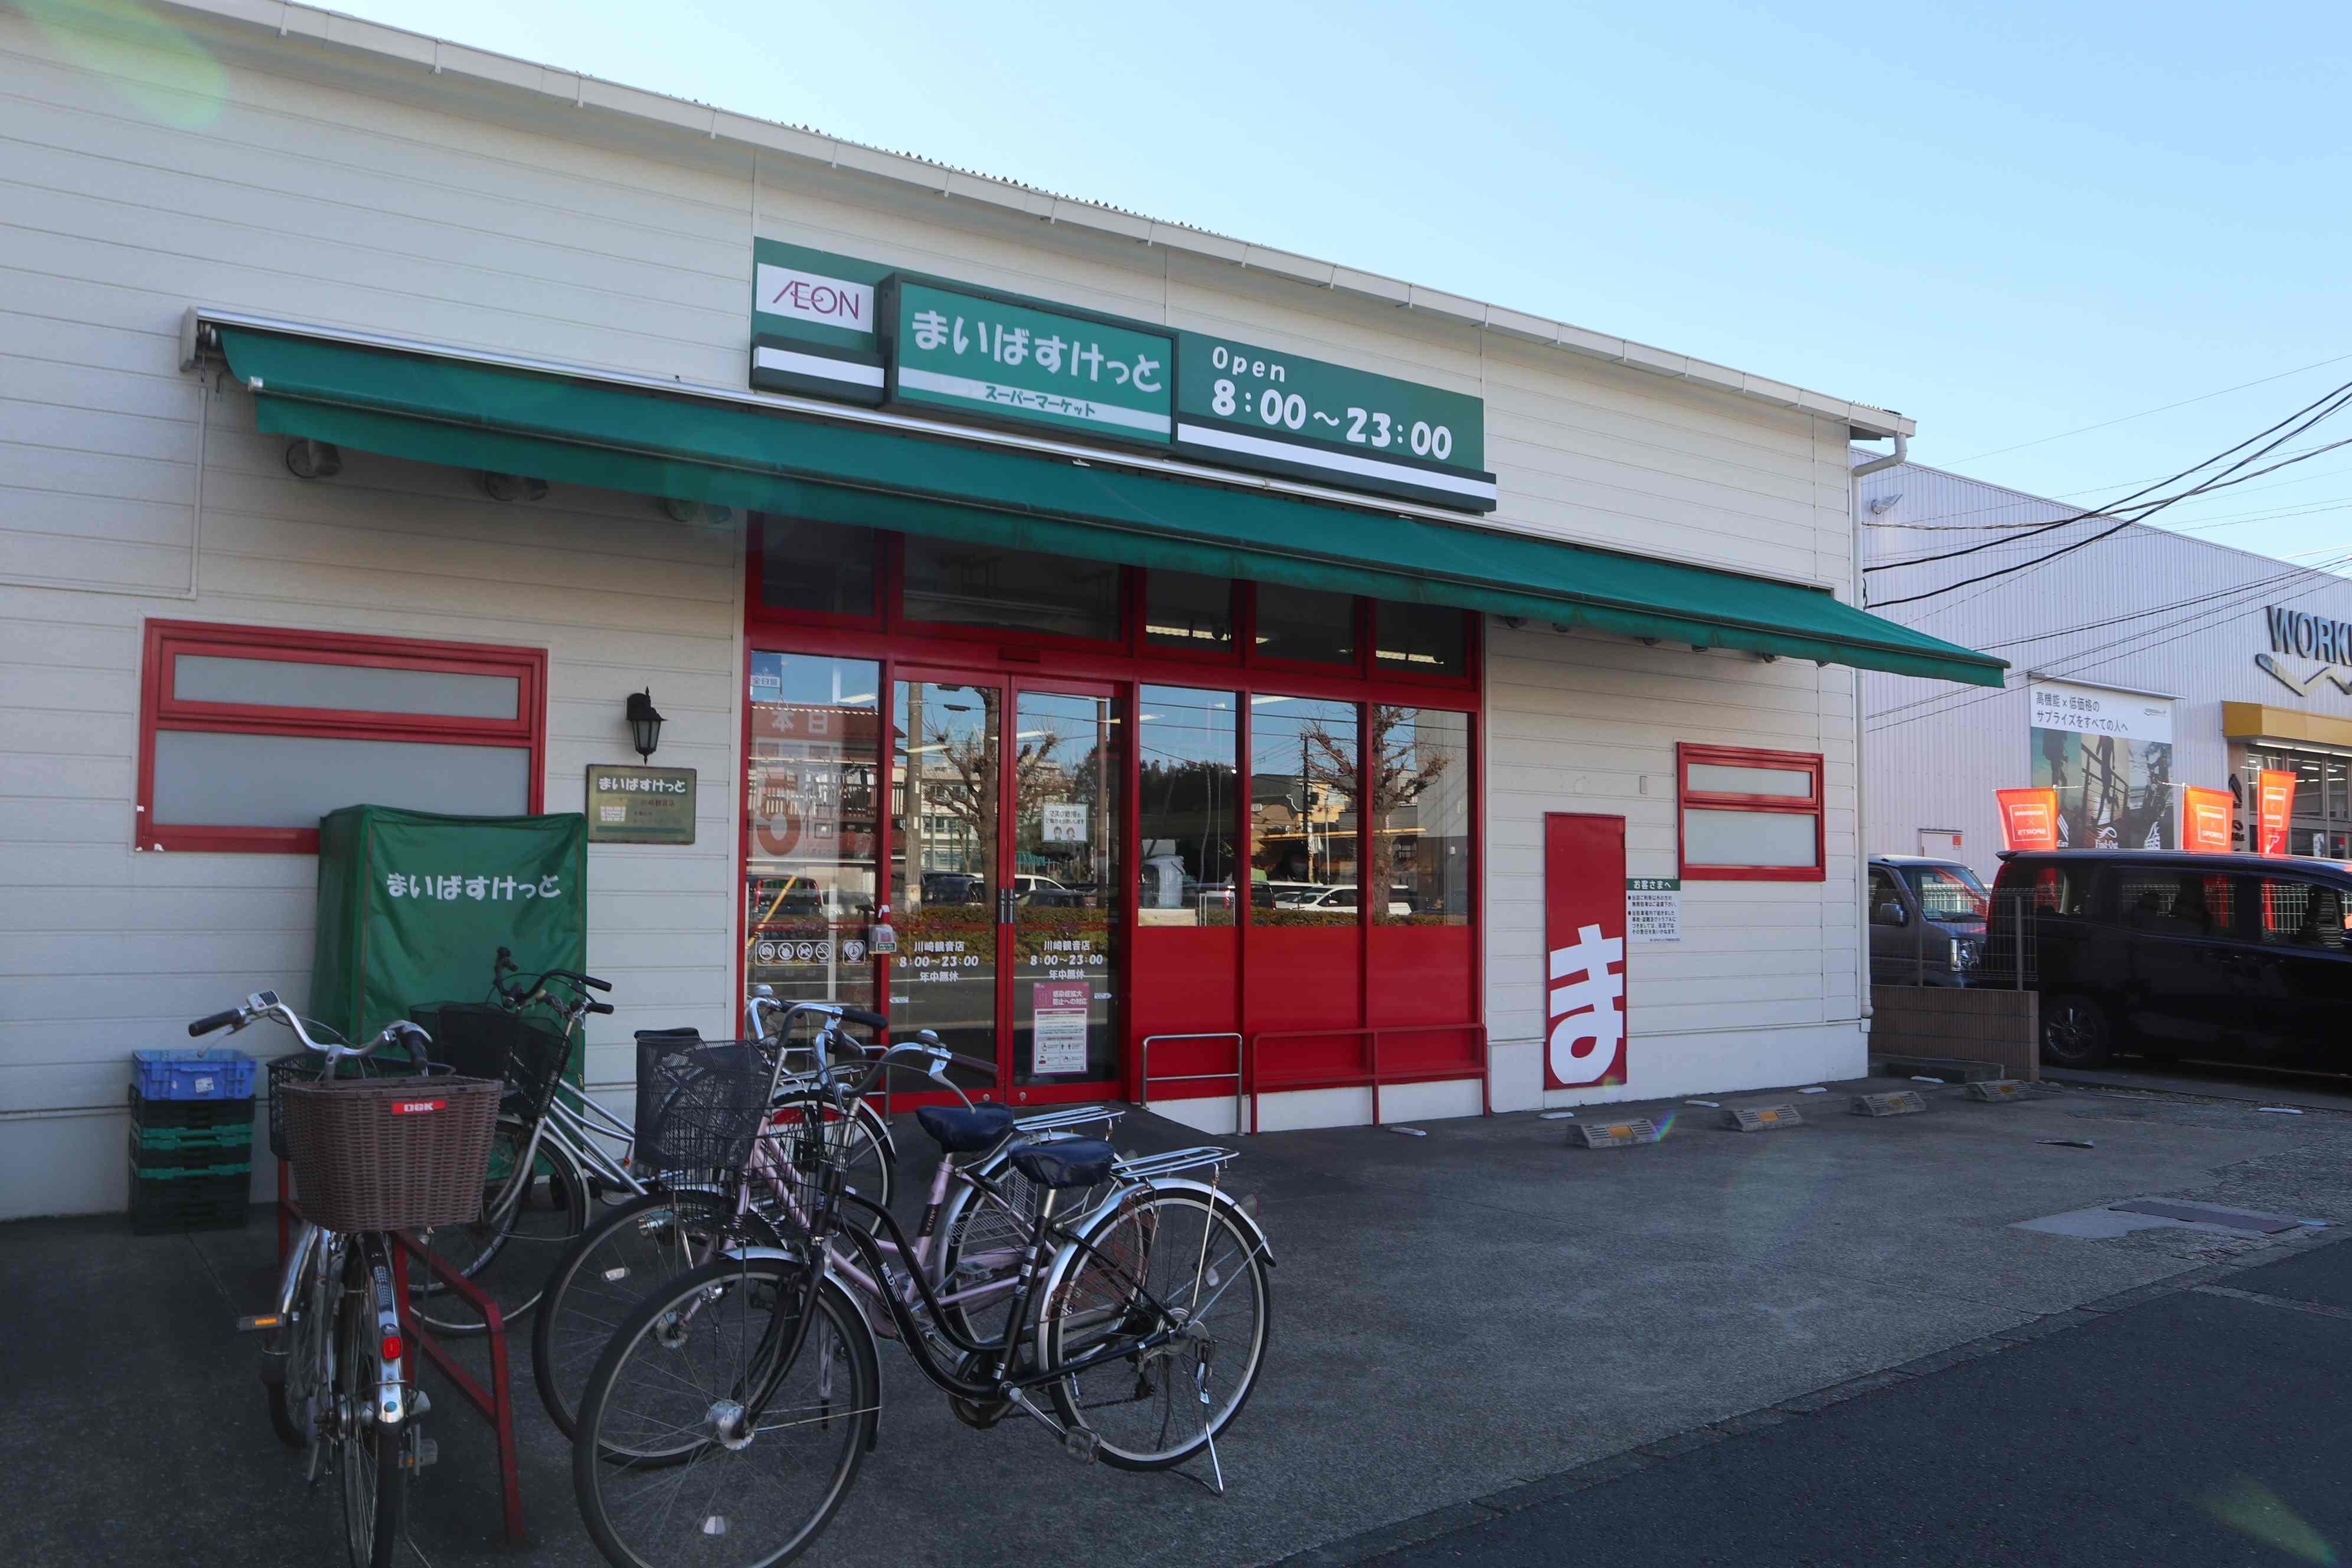 まいばすけっと川崎観音店 徒歩約4分(約267m)